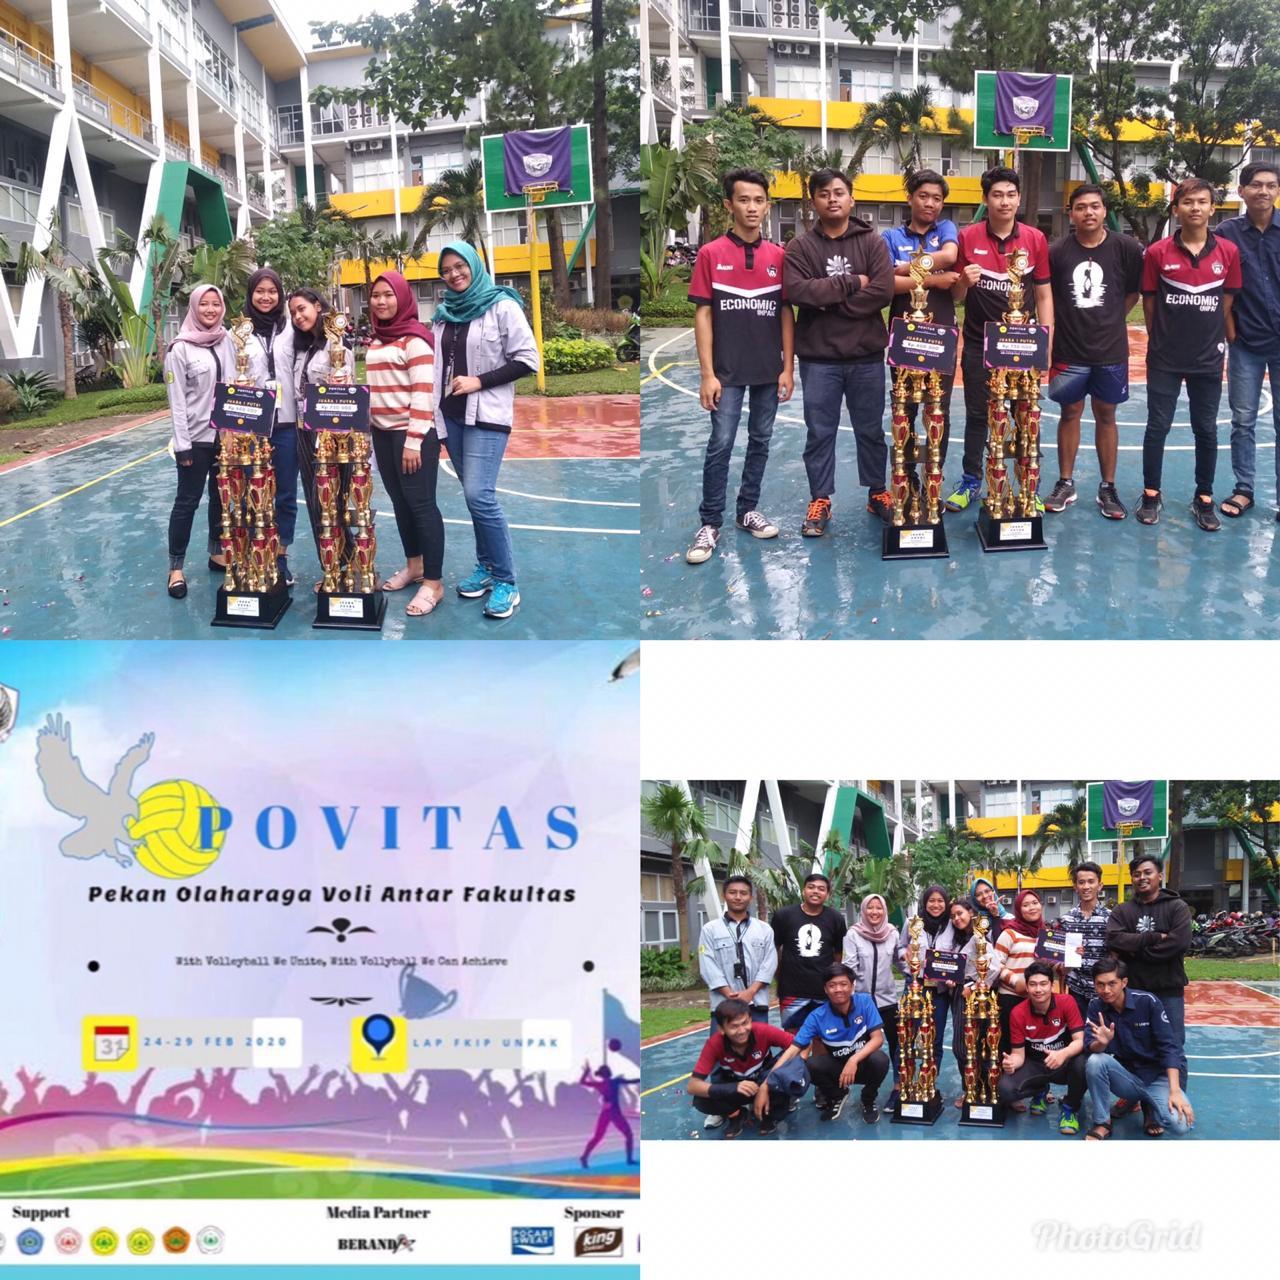 Fakultas Ekonomi Juara 1 dalam Acara POVITAS (Pekan Olaharga Antar Fakultas) 2020